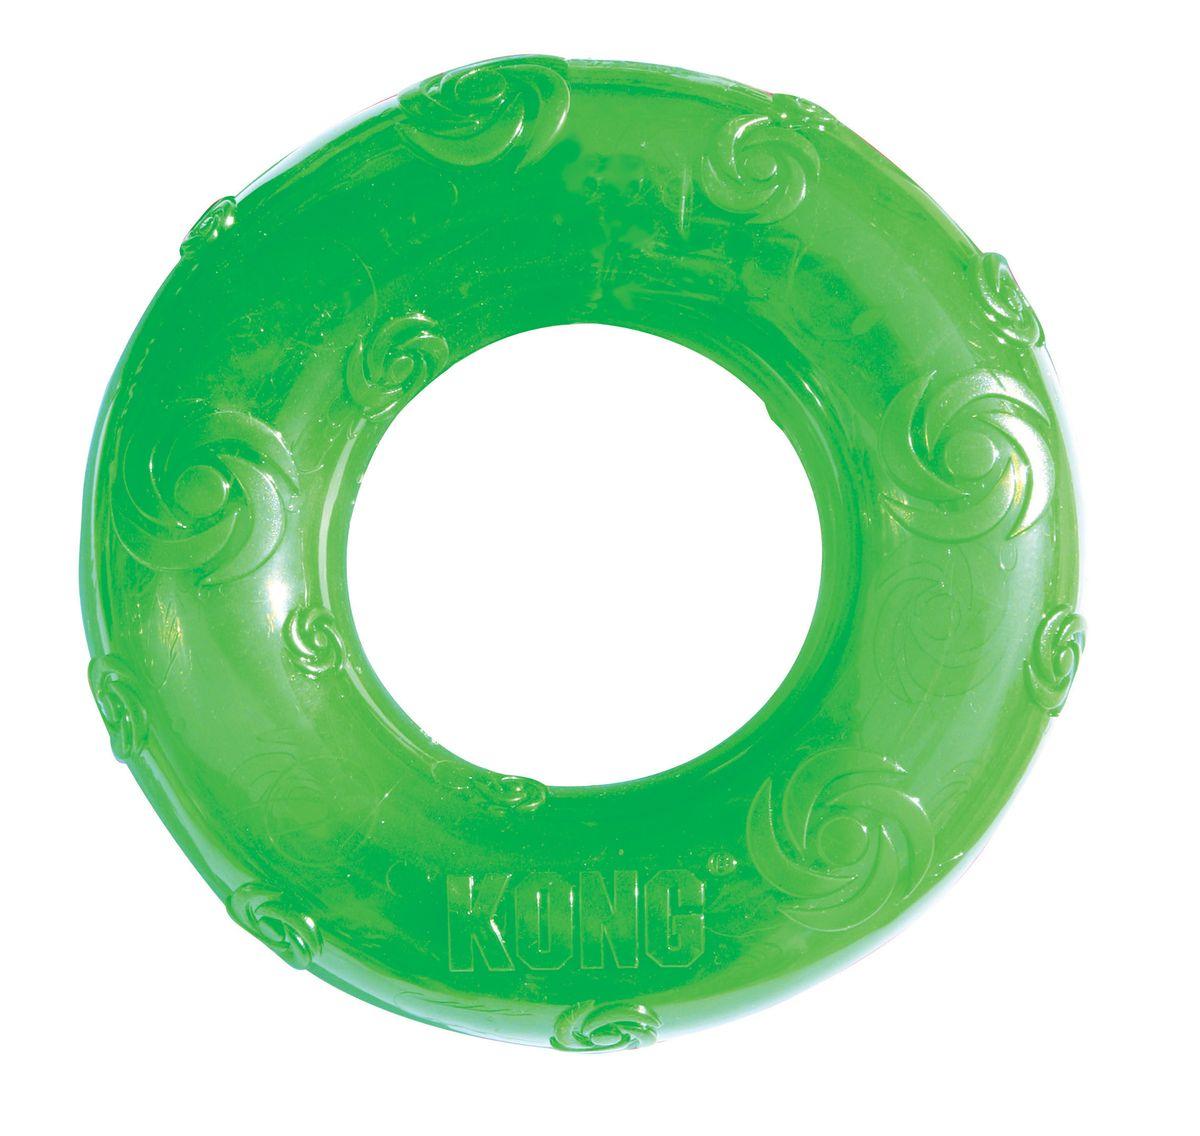 Игрушка для собак Kong Сквиз Кольцо, большое, резиновое с пищалкойPSR1Kong игрушка для собак Сквиз Кольцо большое резиновое с пищалкой. Игрушка для собак мелких пород. Изготовлена из очень прочной и безопасной резины. Пищалка утоплена в слой резины, что не позволяет собаке вынуть и сгрызть пищалку. Диаметр 15 см.